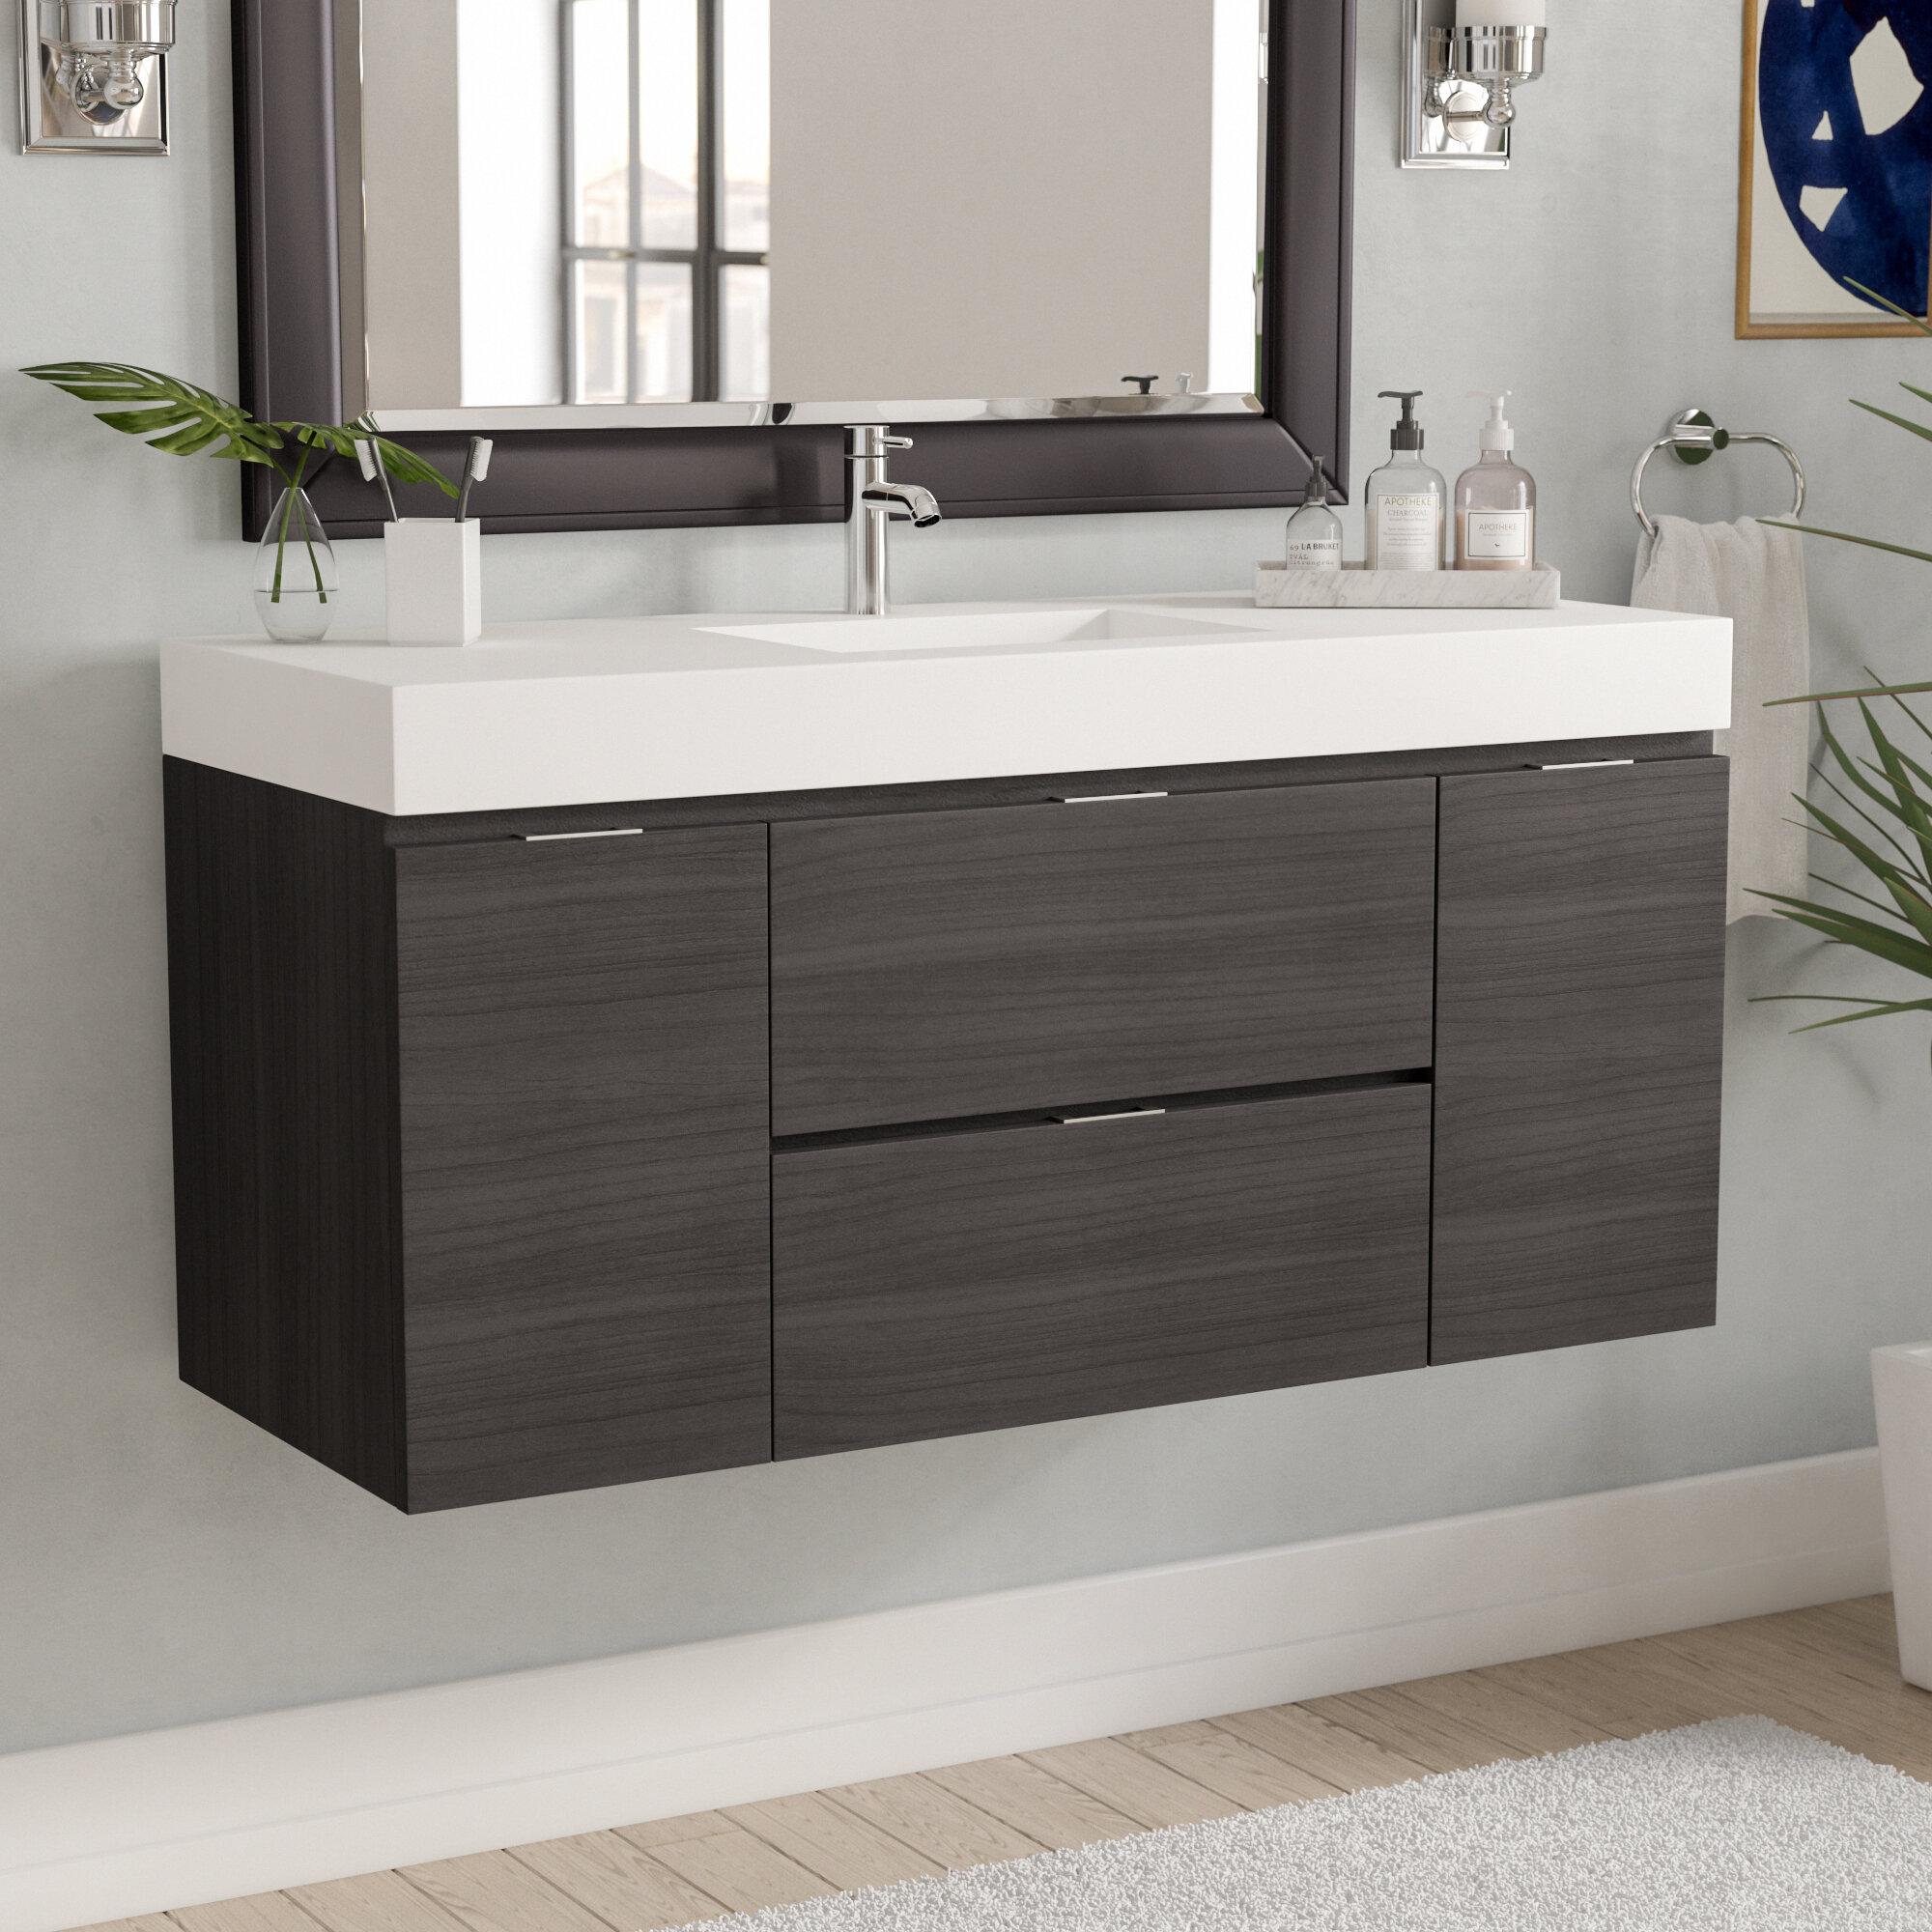 Wayfair Wade Logan Tenafly 48 Single Wall Mount Modern Bathroom